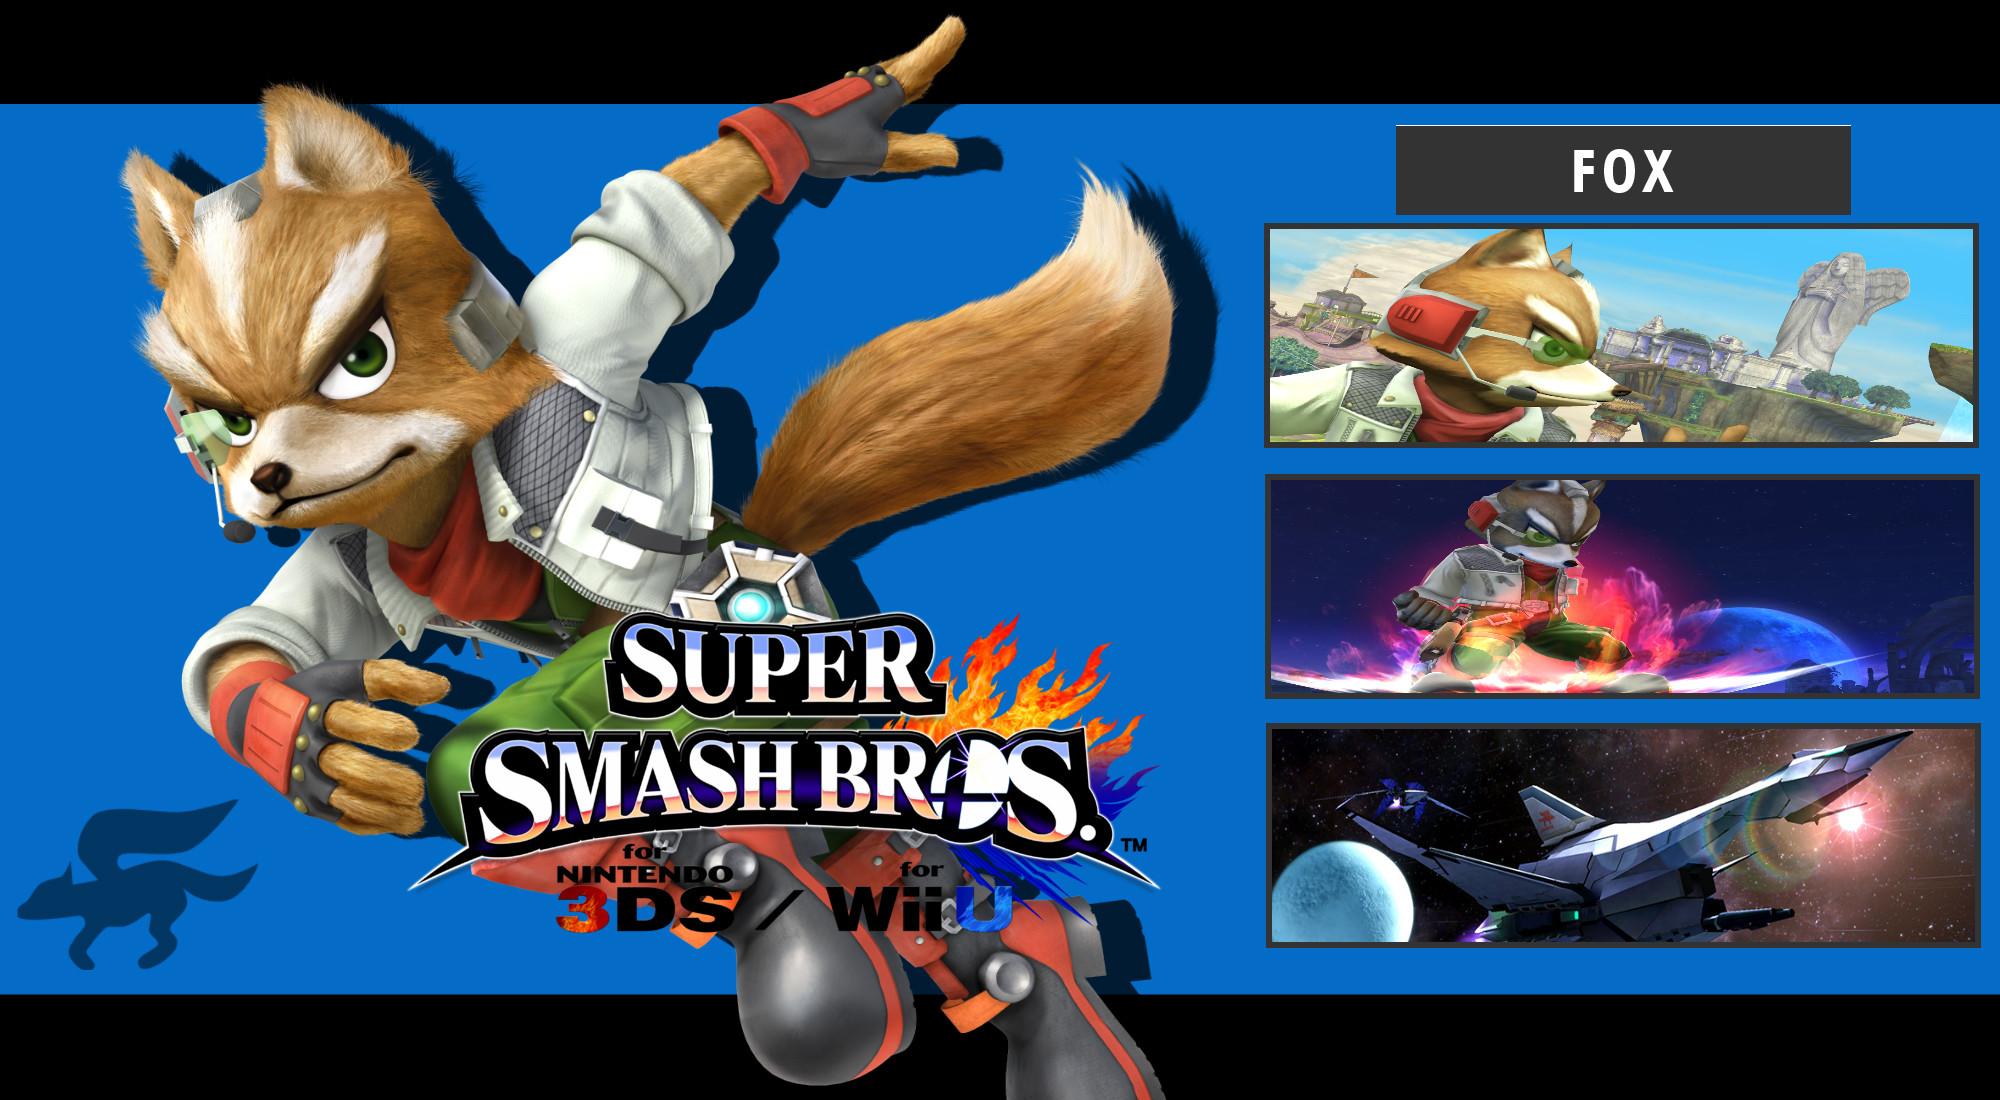 Super Smash Bros. 3DS/Wii U – Fox Wallpaper by DaKidGaming .